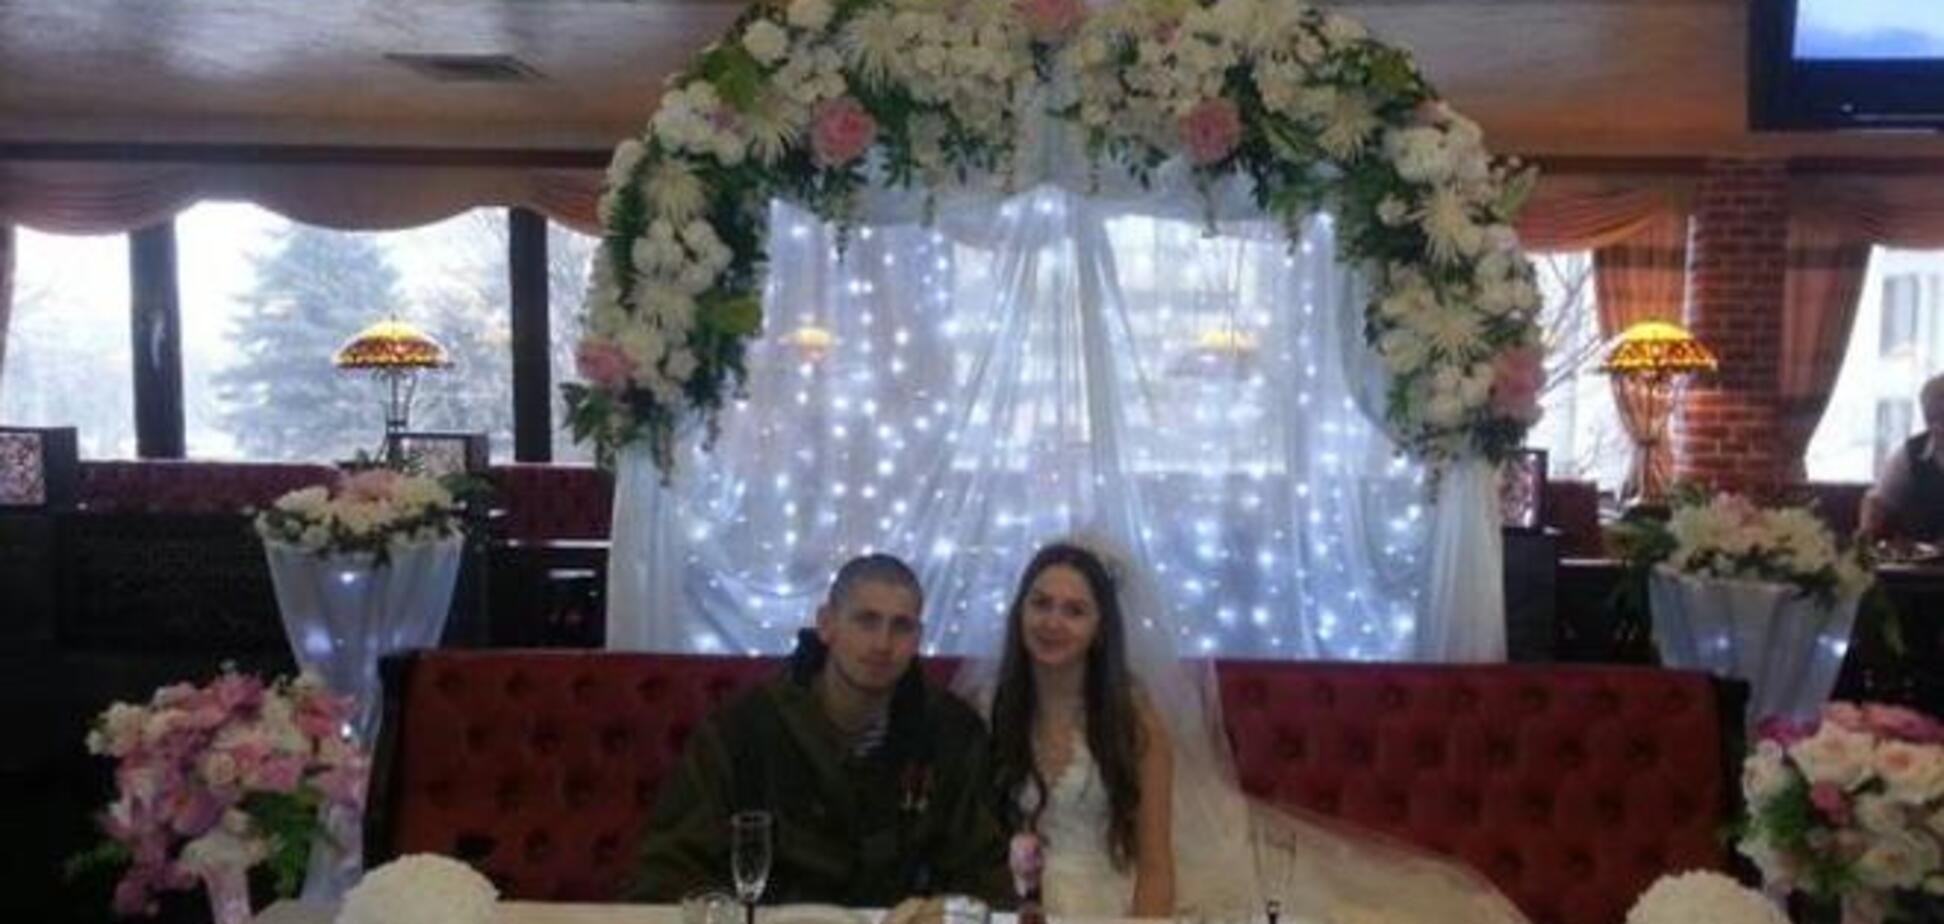 Боевик, прицепивший флаг 'ДНР' в донецком аэропорту, женился на боевой подруге: фото молодых